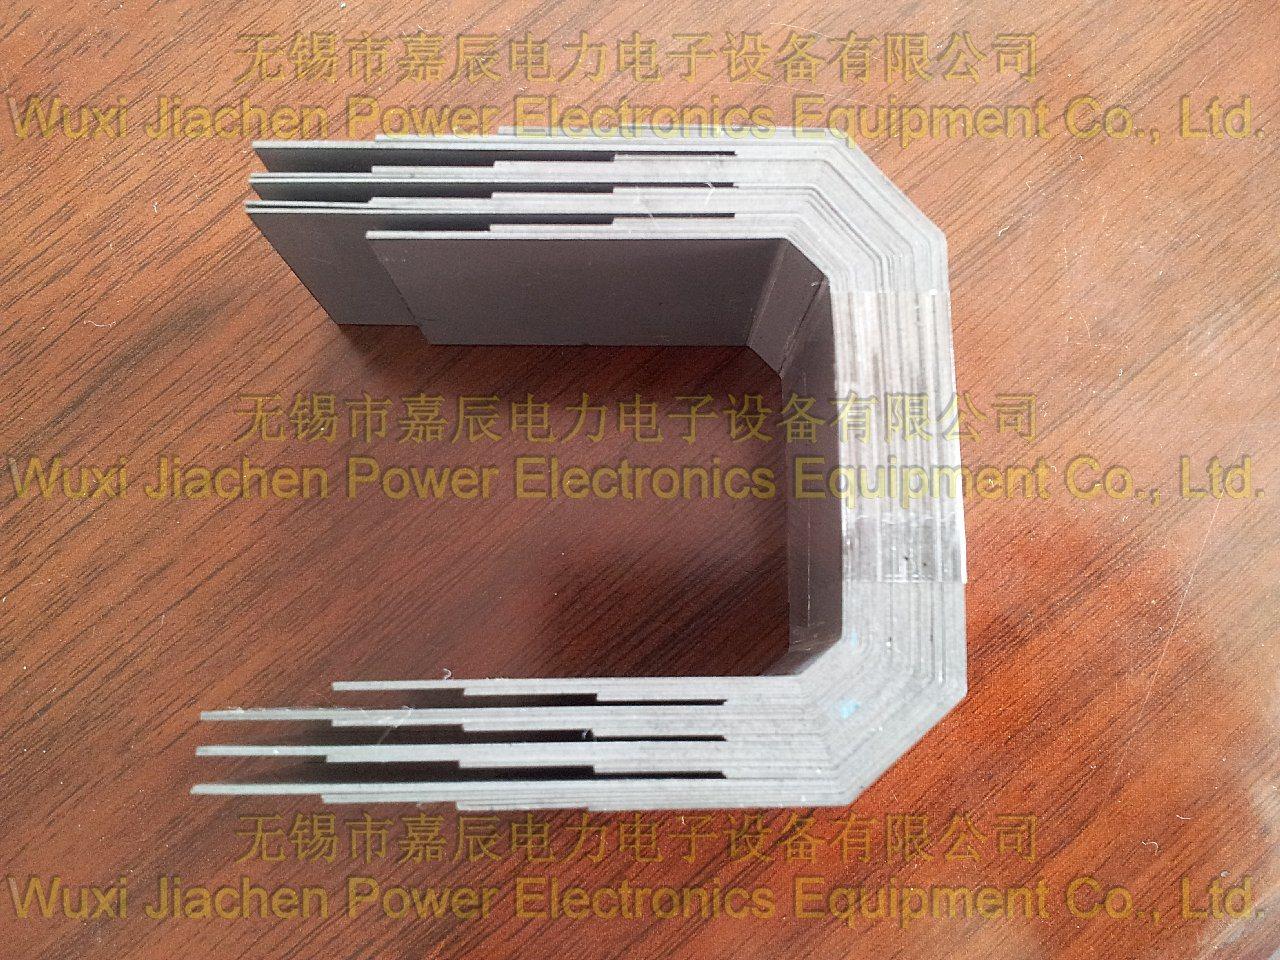 Multi Angle Transformer Core